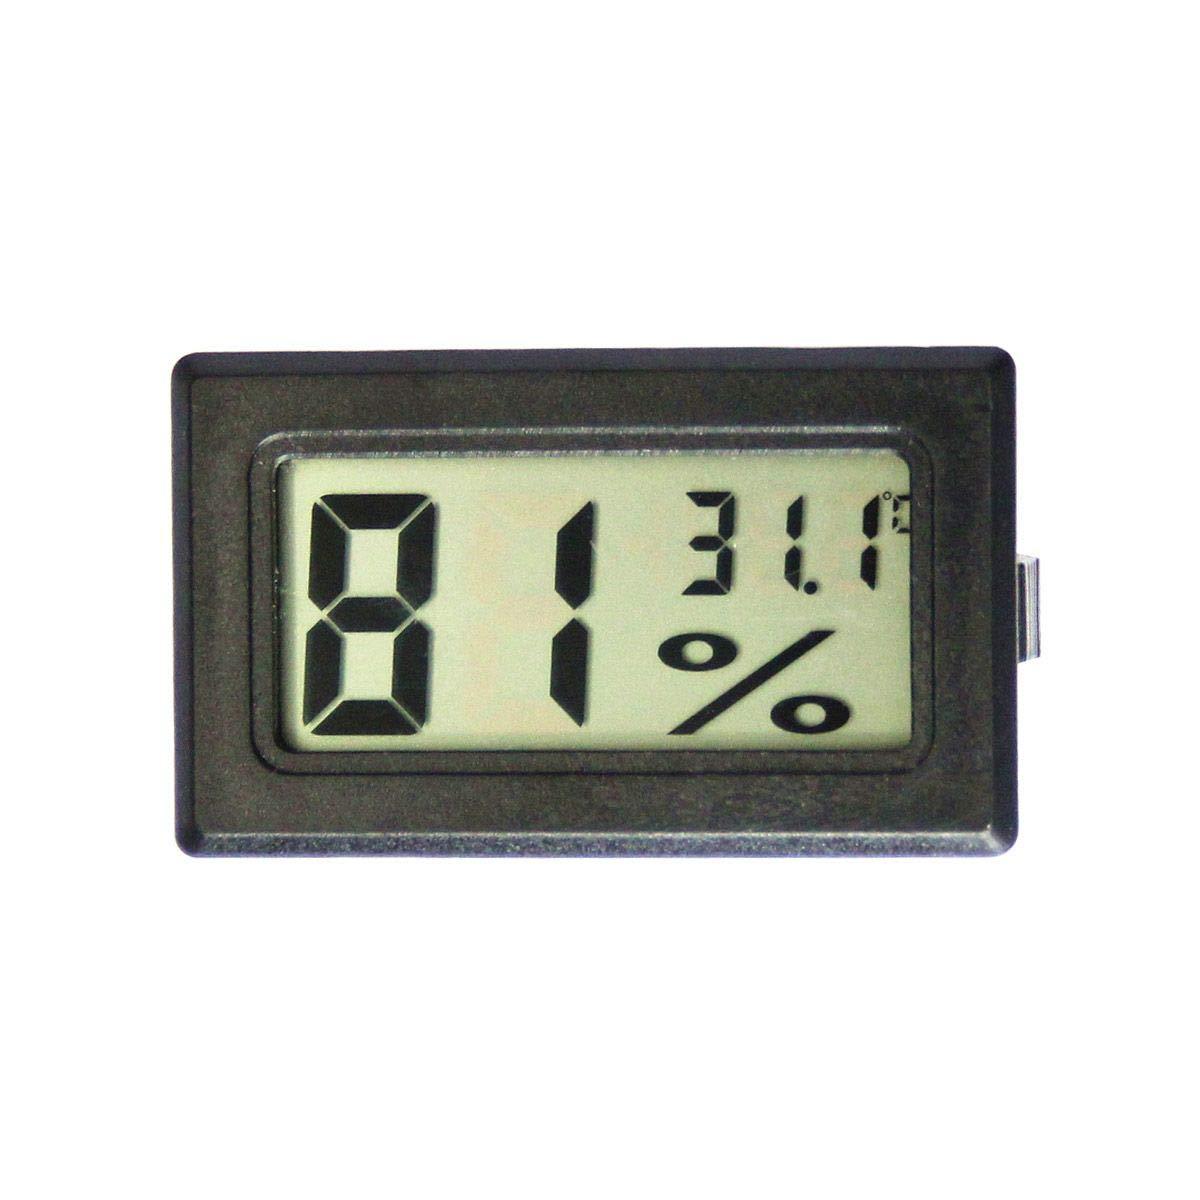 BCCEUROSHOP/® Term/ómetro Higr/ómetro Termohigr/ómetro Digital Medidor De Temperatura Y Humedad 10/% Blanco 99/% RH 50//+70/º Grados Pilas Incluidas